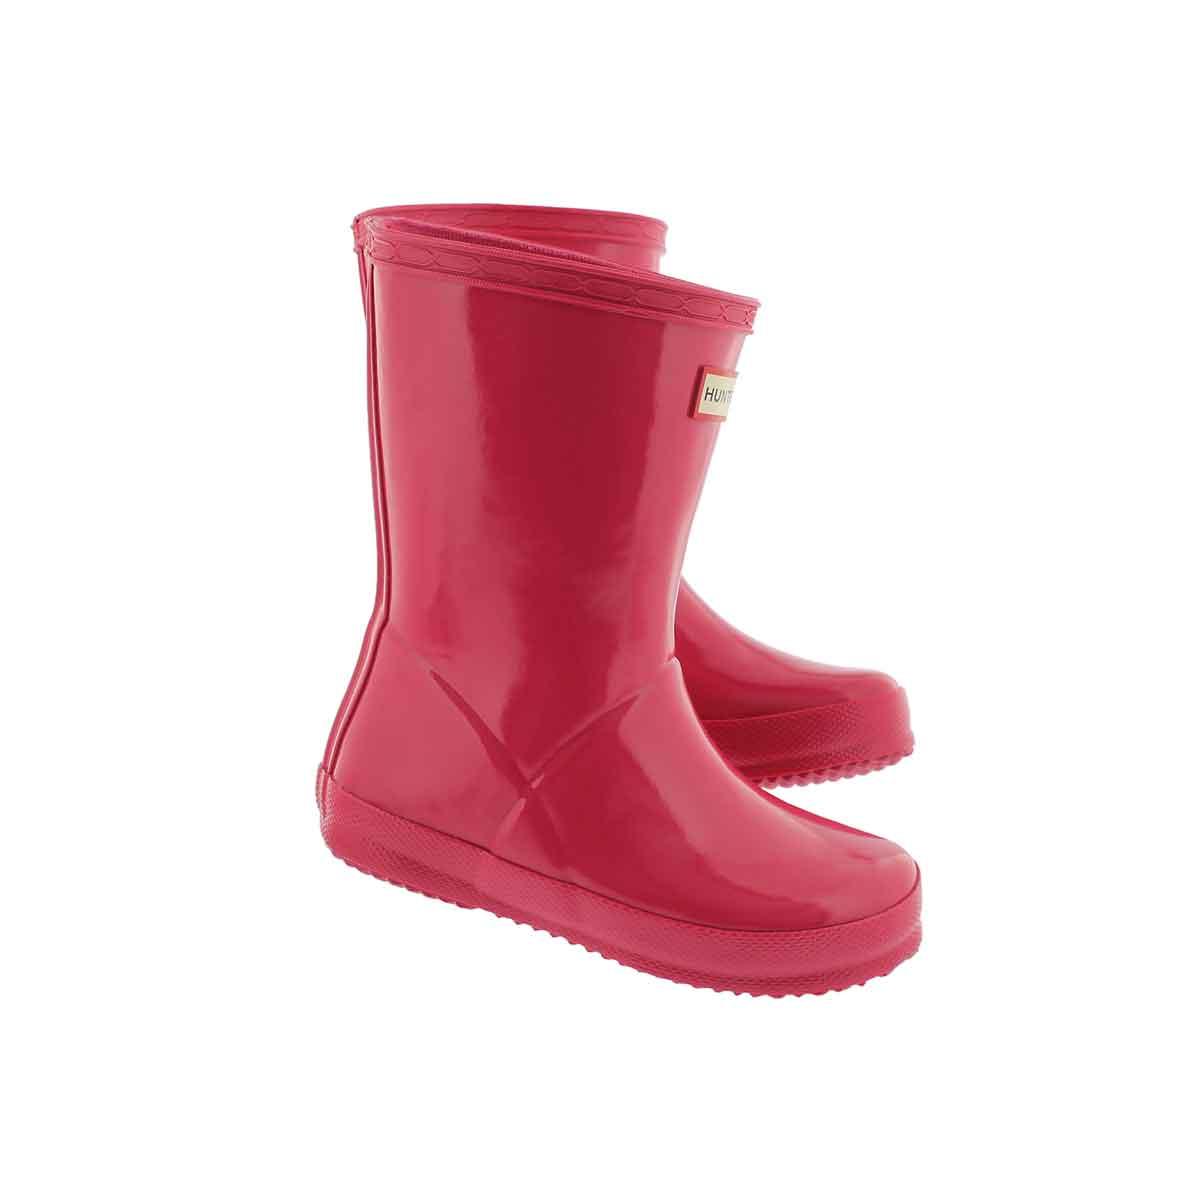 Infs First Classic Gloss pnk rain boot